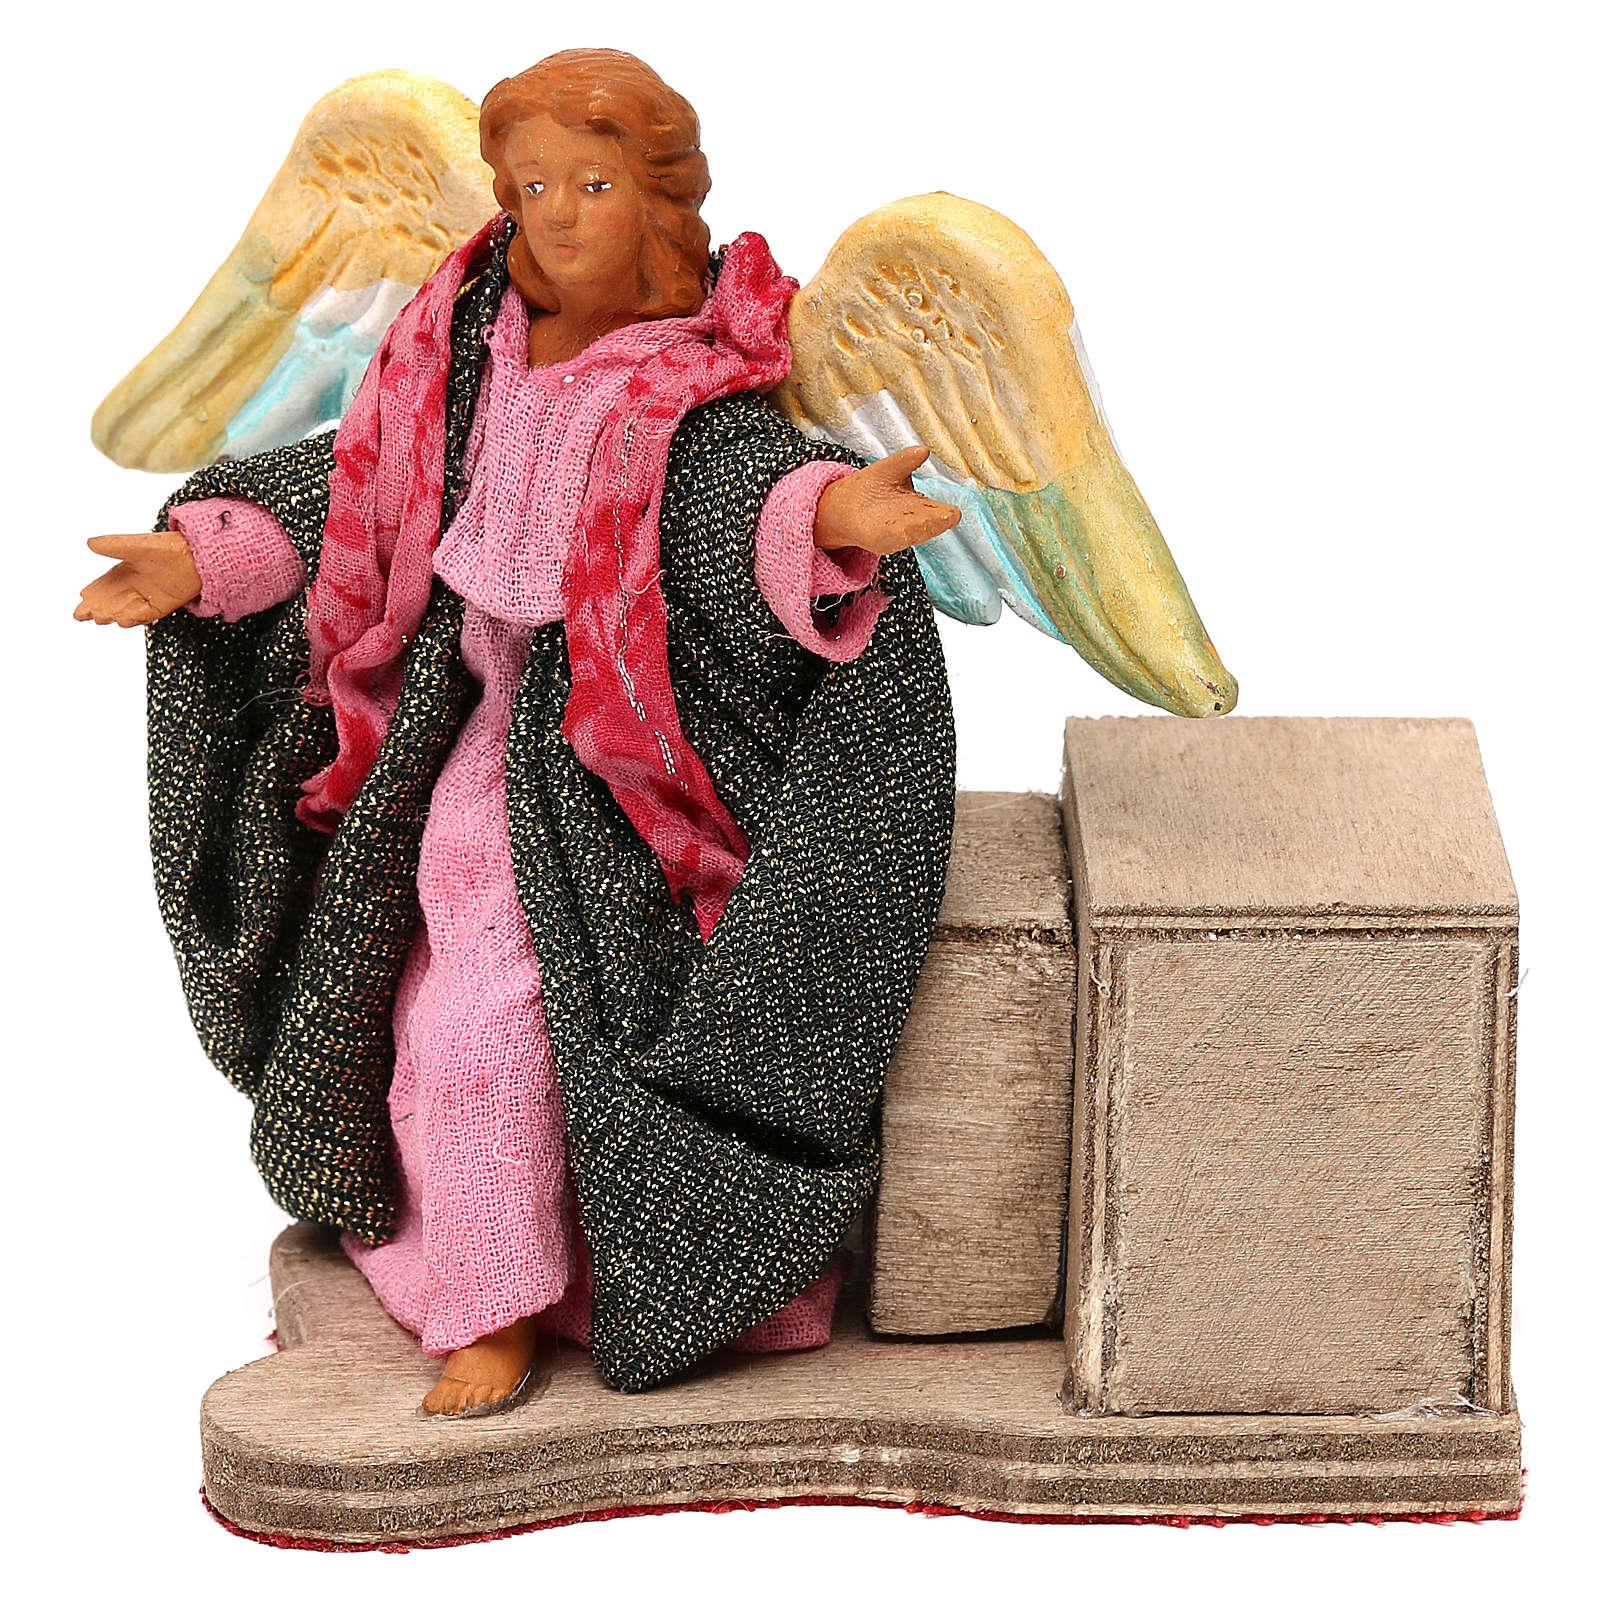 Anioł w ruchu 12 cm szopka neapolitańska 4